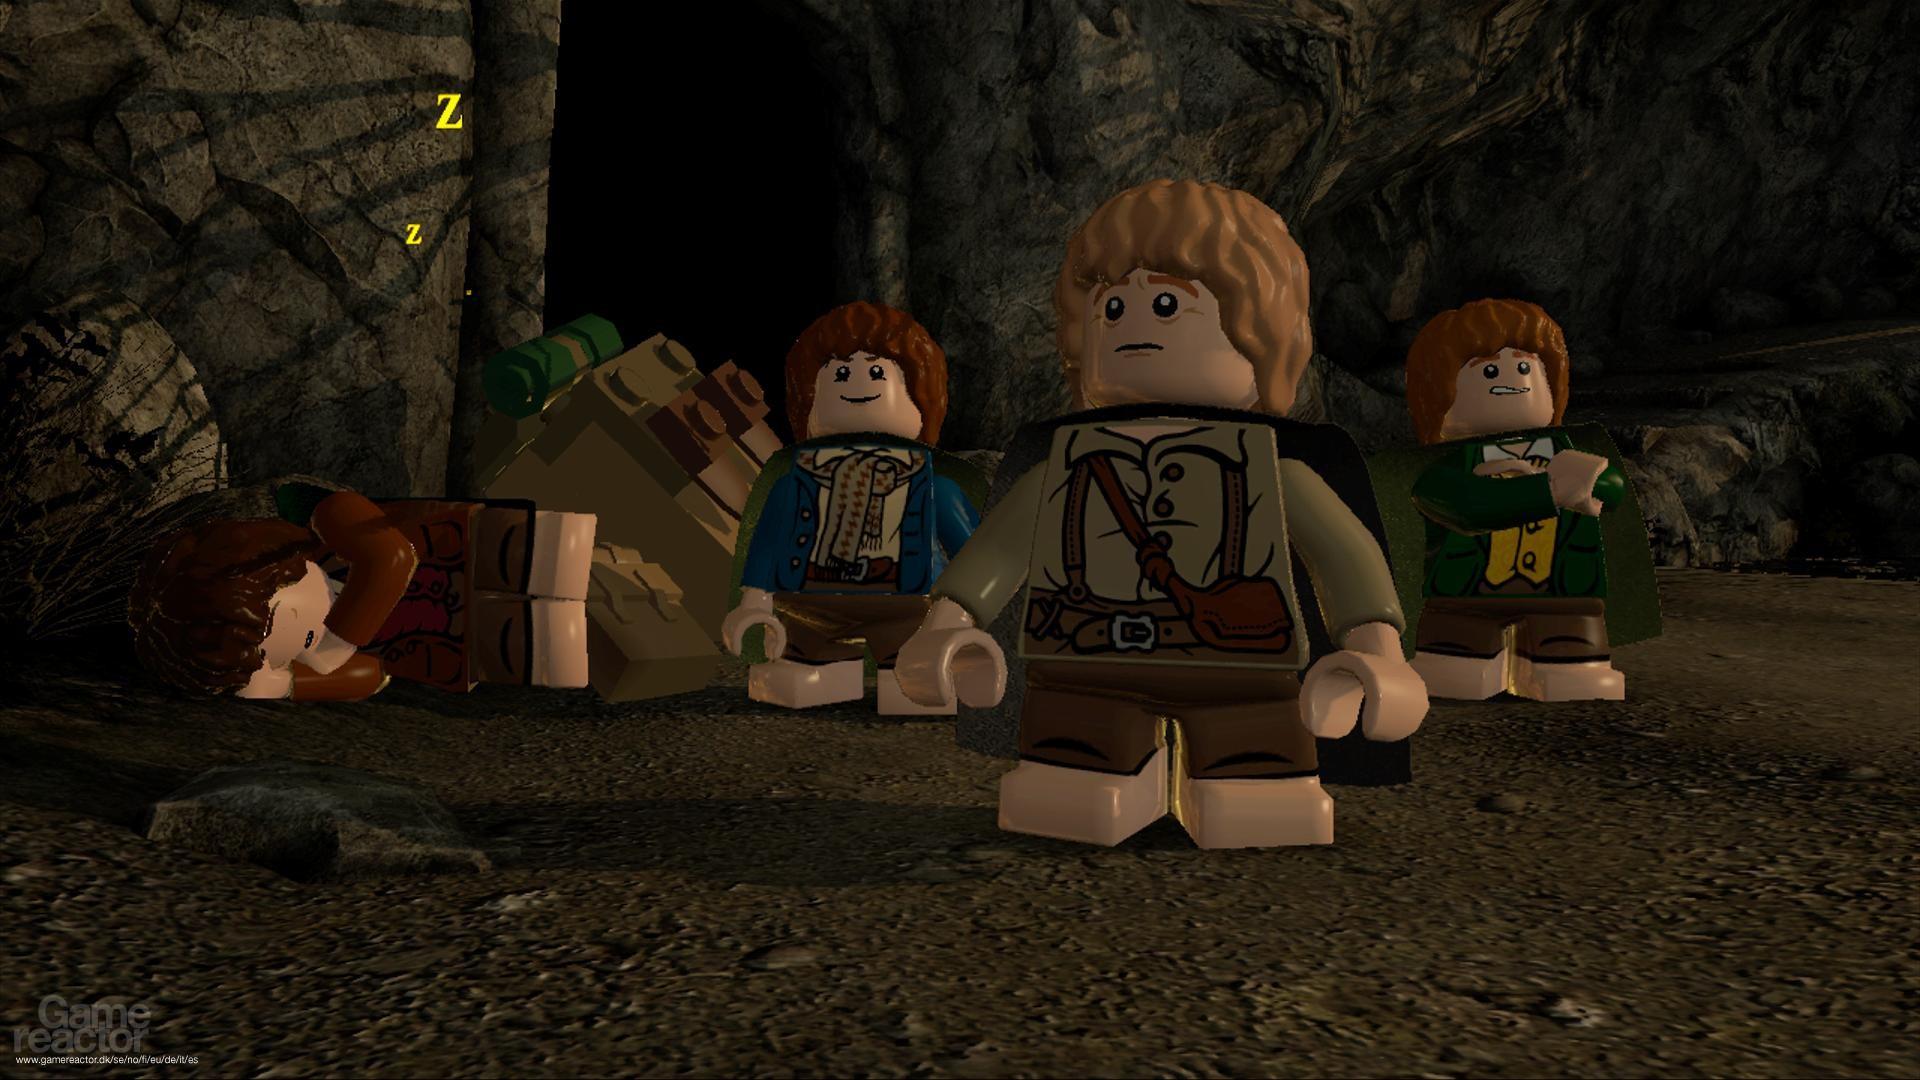 le più votate più recenti confrontare il prezzo bellezza Immagini per Lego Il Signore degli Anelli 5/6